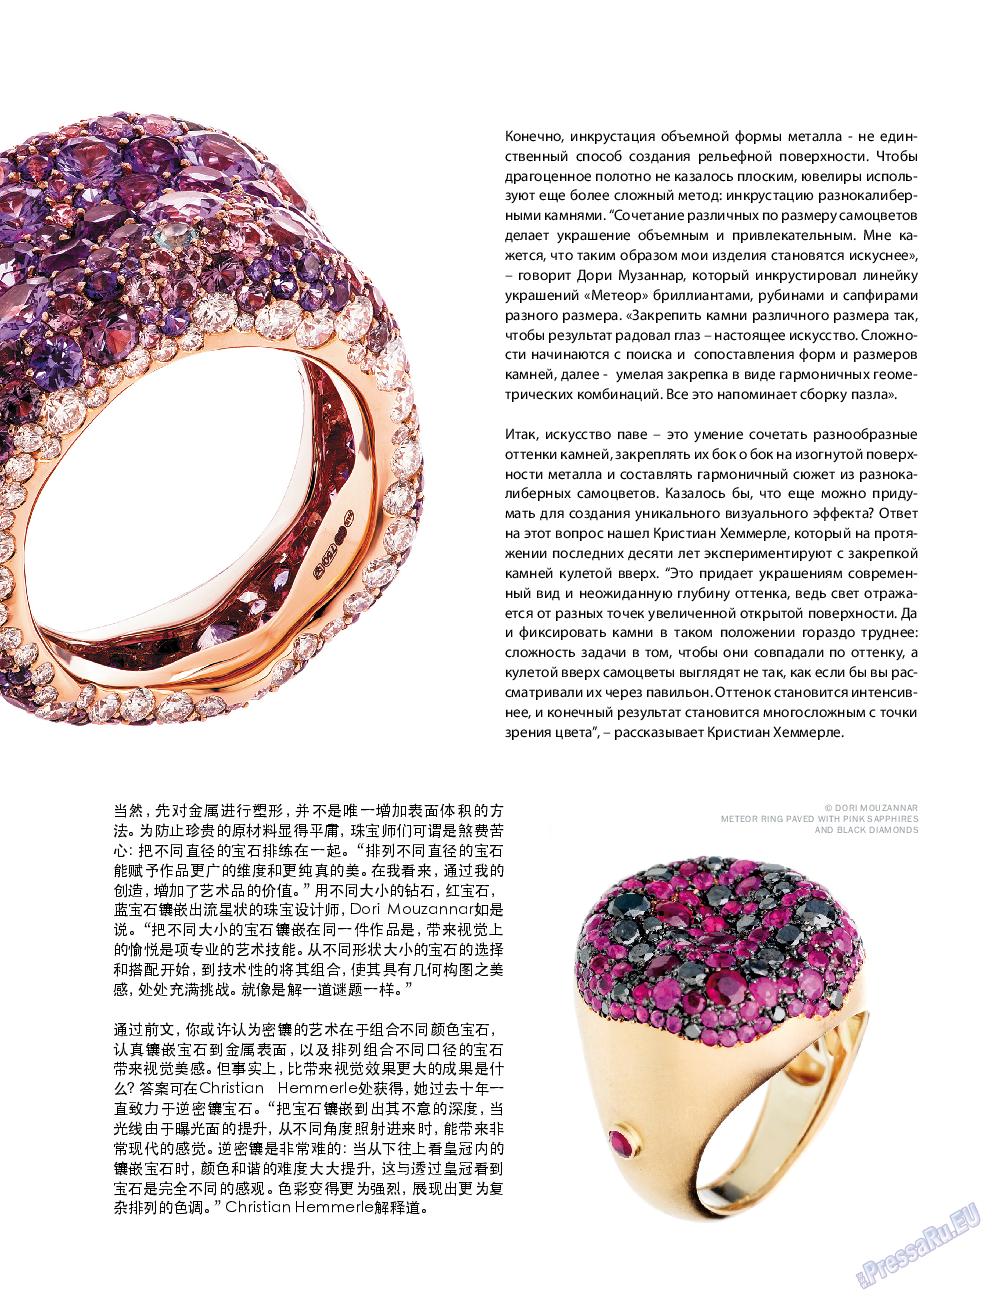 Клан (журнал). 2016 год, номер 10, стр. 149